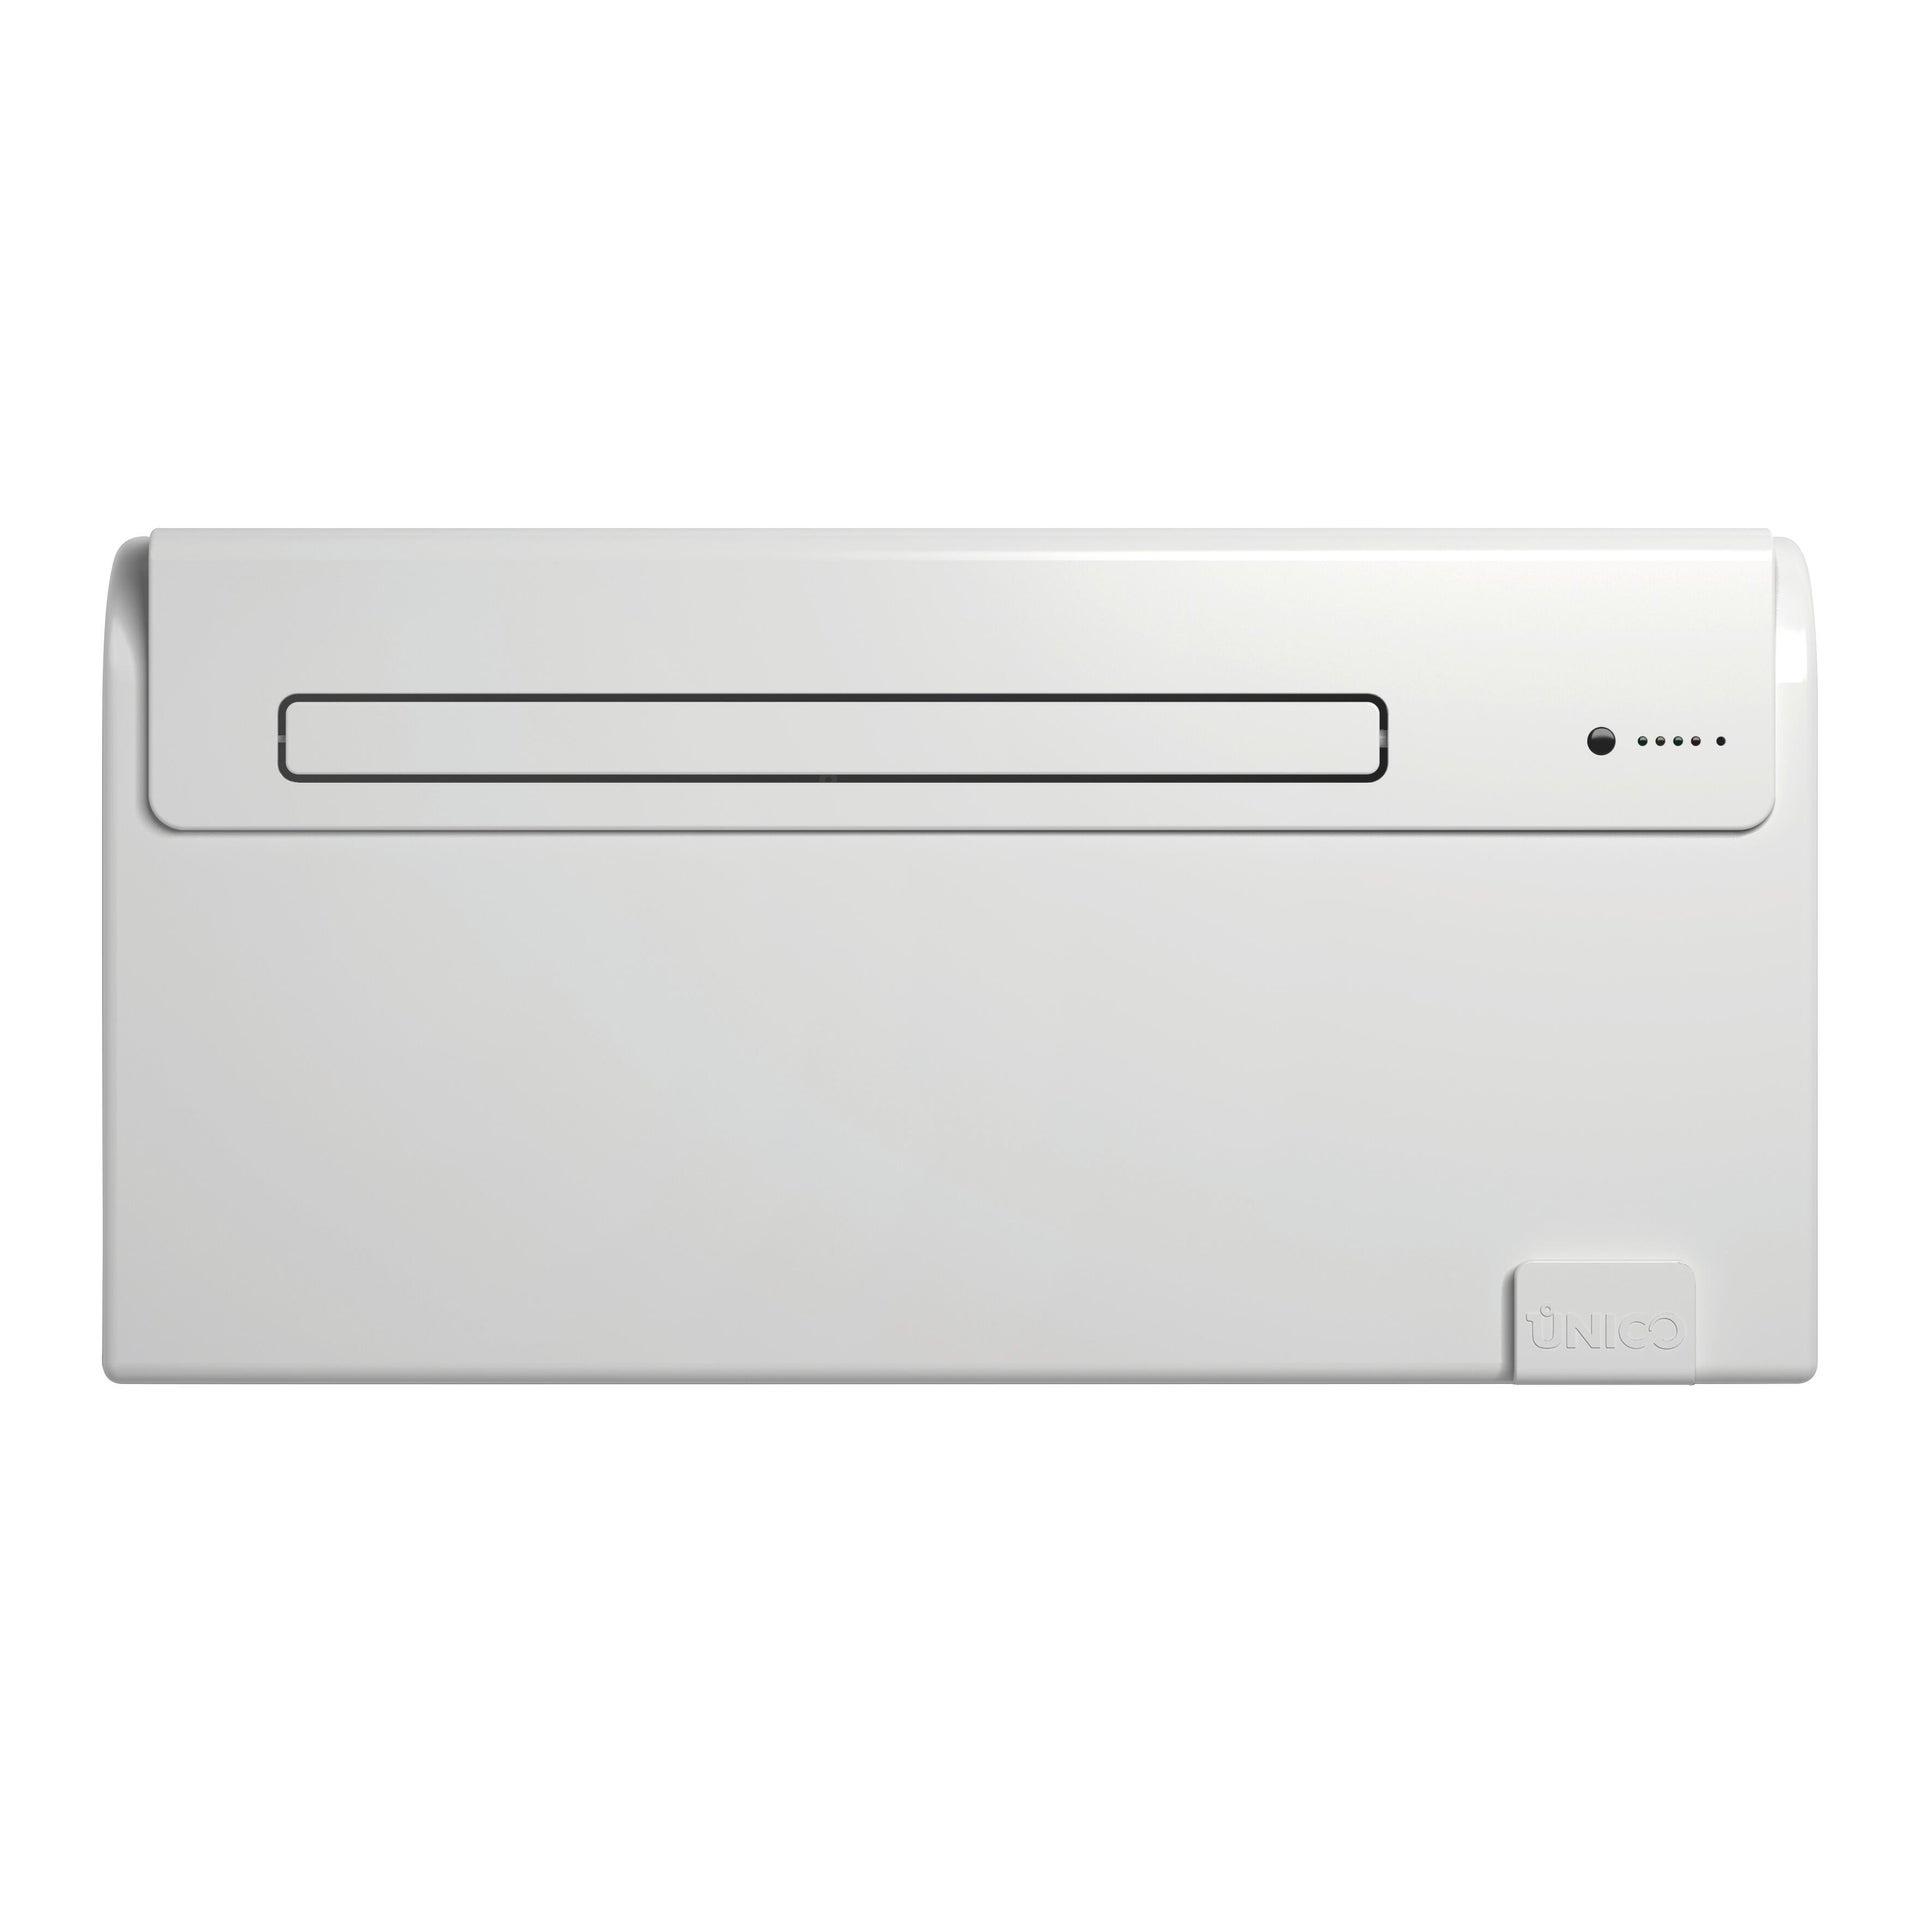 Climatizzatore monoblocco OLIMPIA SPLENDID Unico 6141 BTU classe A - 1